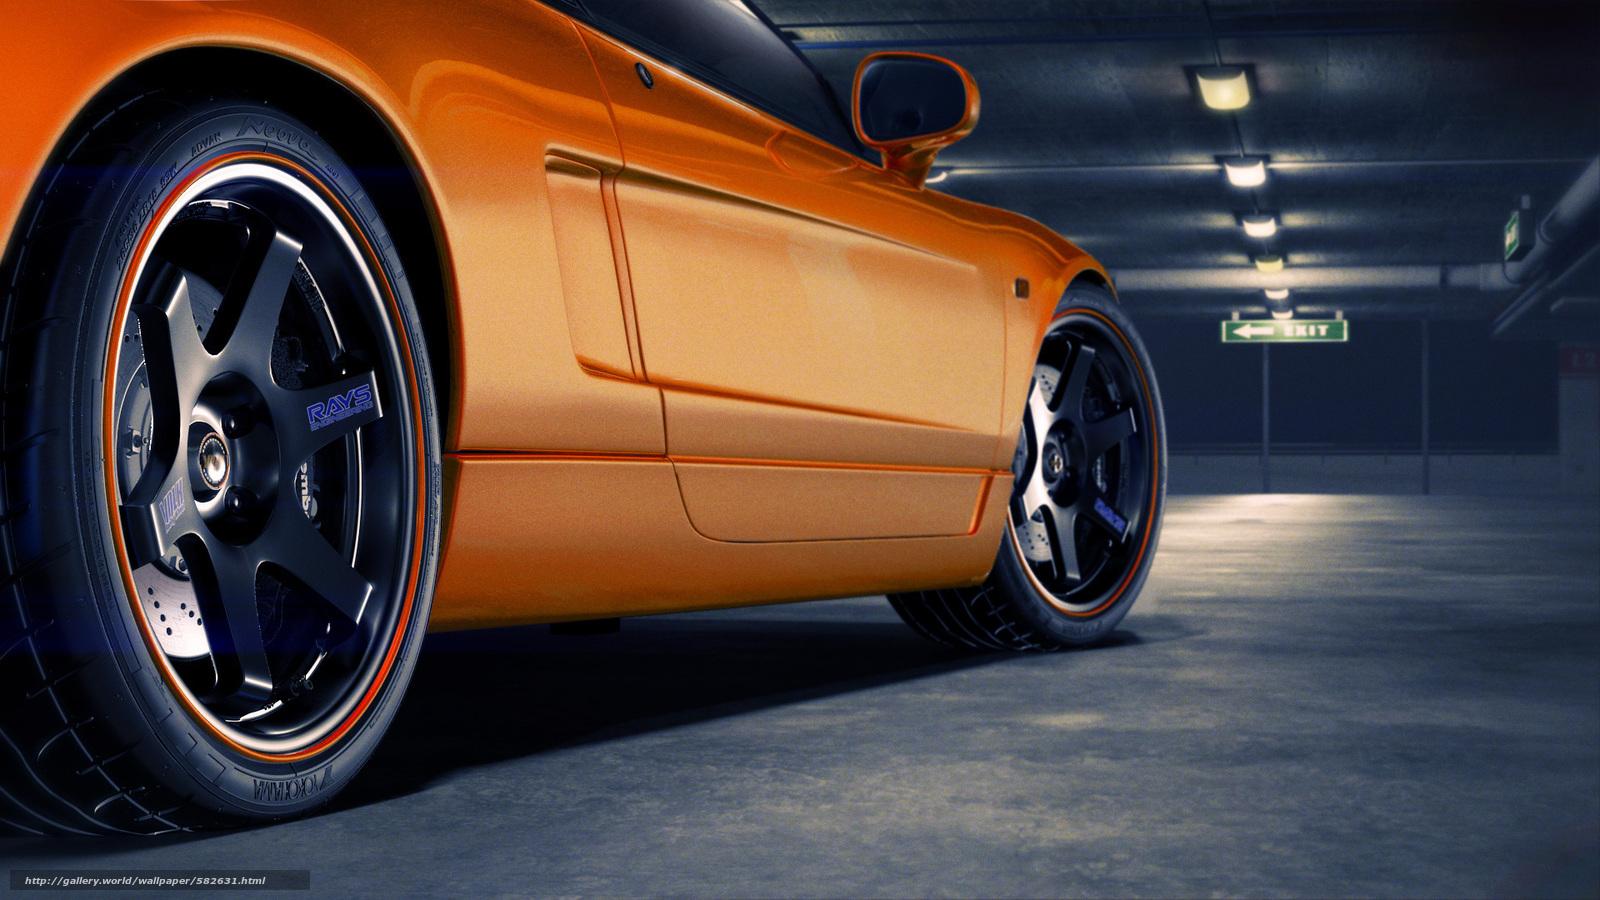 Скачать обои парковка,  колесо,  Honda,  диск бесплатно для рабочего стола в разрешении 1920x1080 — картинка №582631